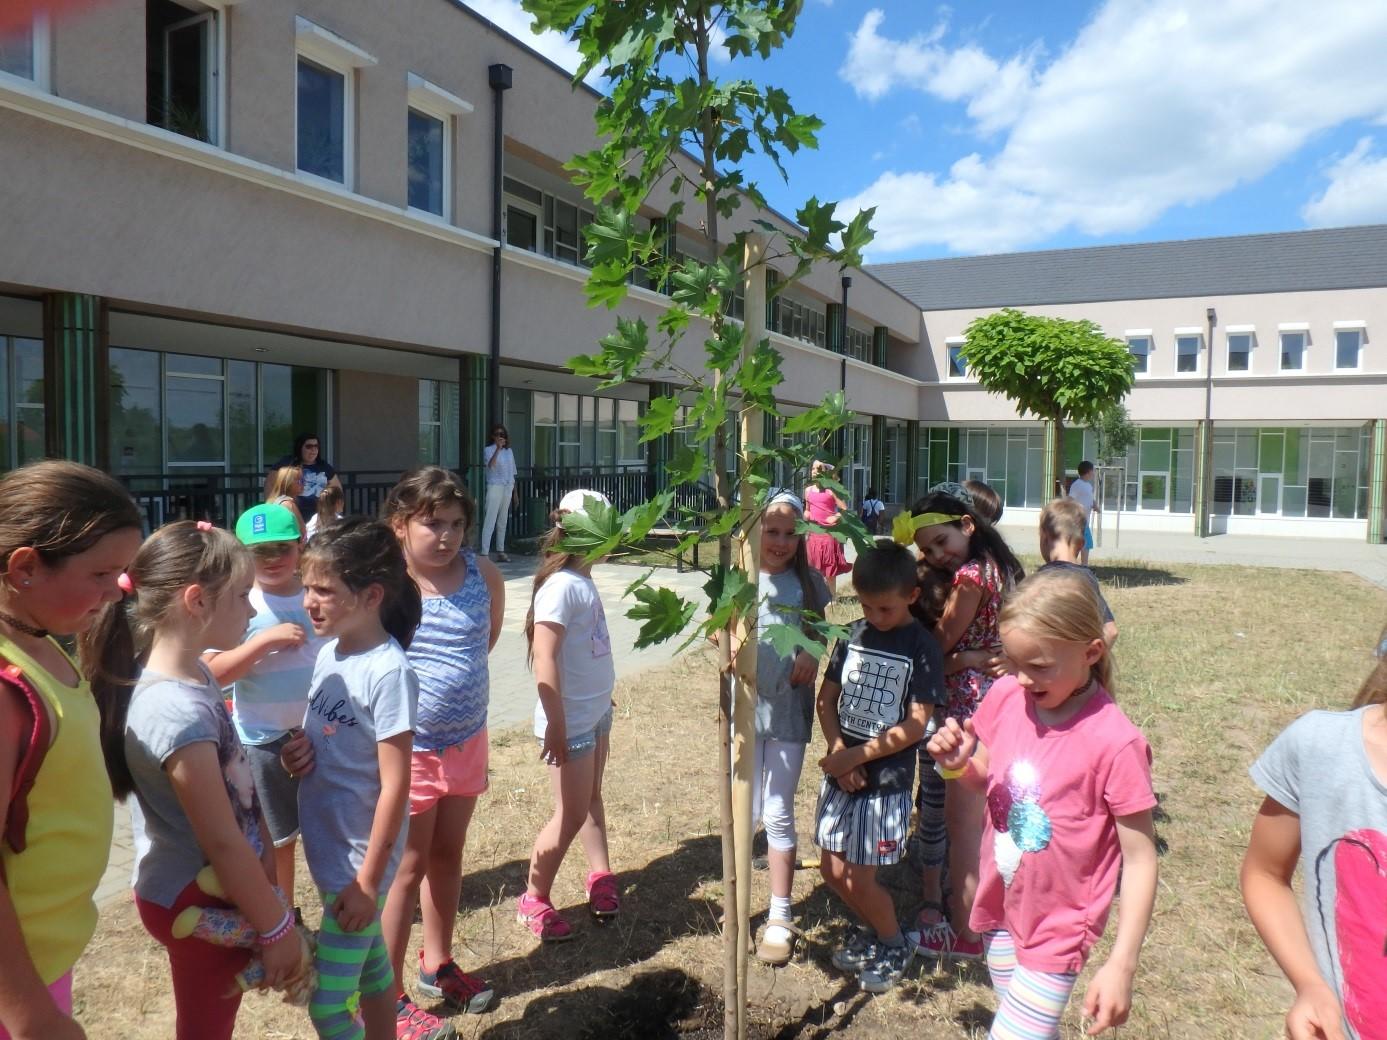 Iskolaszépítési program az ÉSZAKERDŐ Zrt-vel - közeleg az Erdők Hete